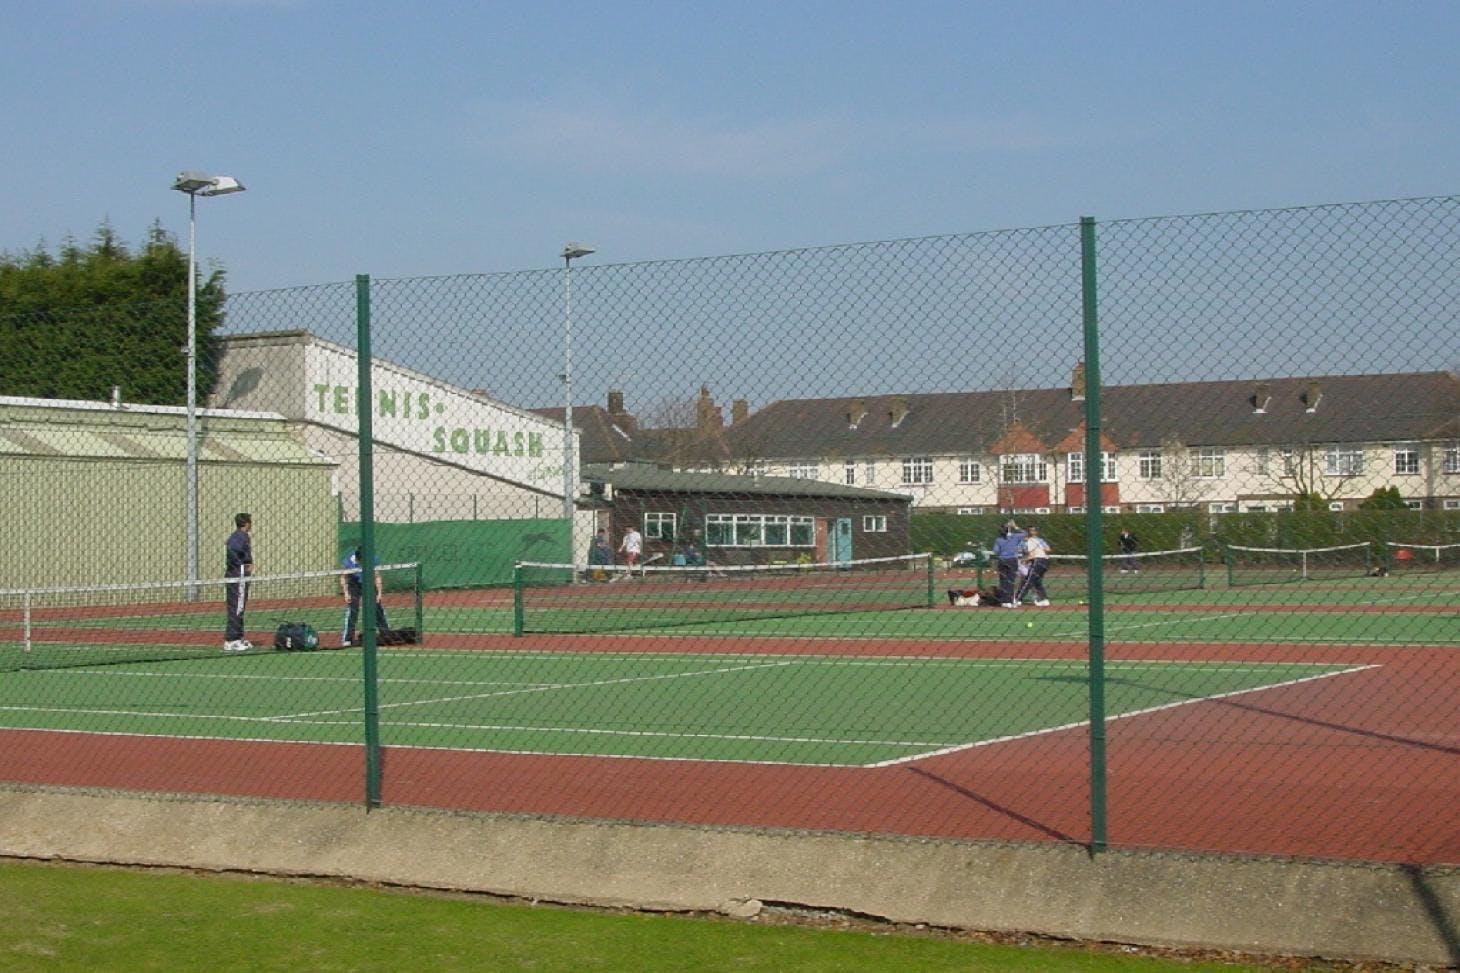 Spencer Club Outdoor | Grass tennis court